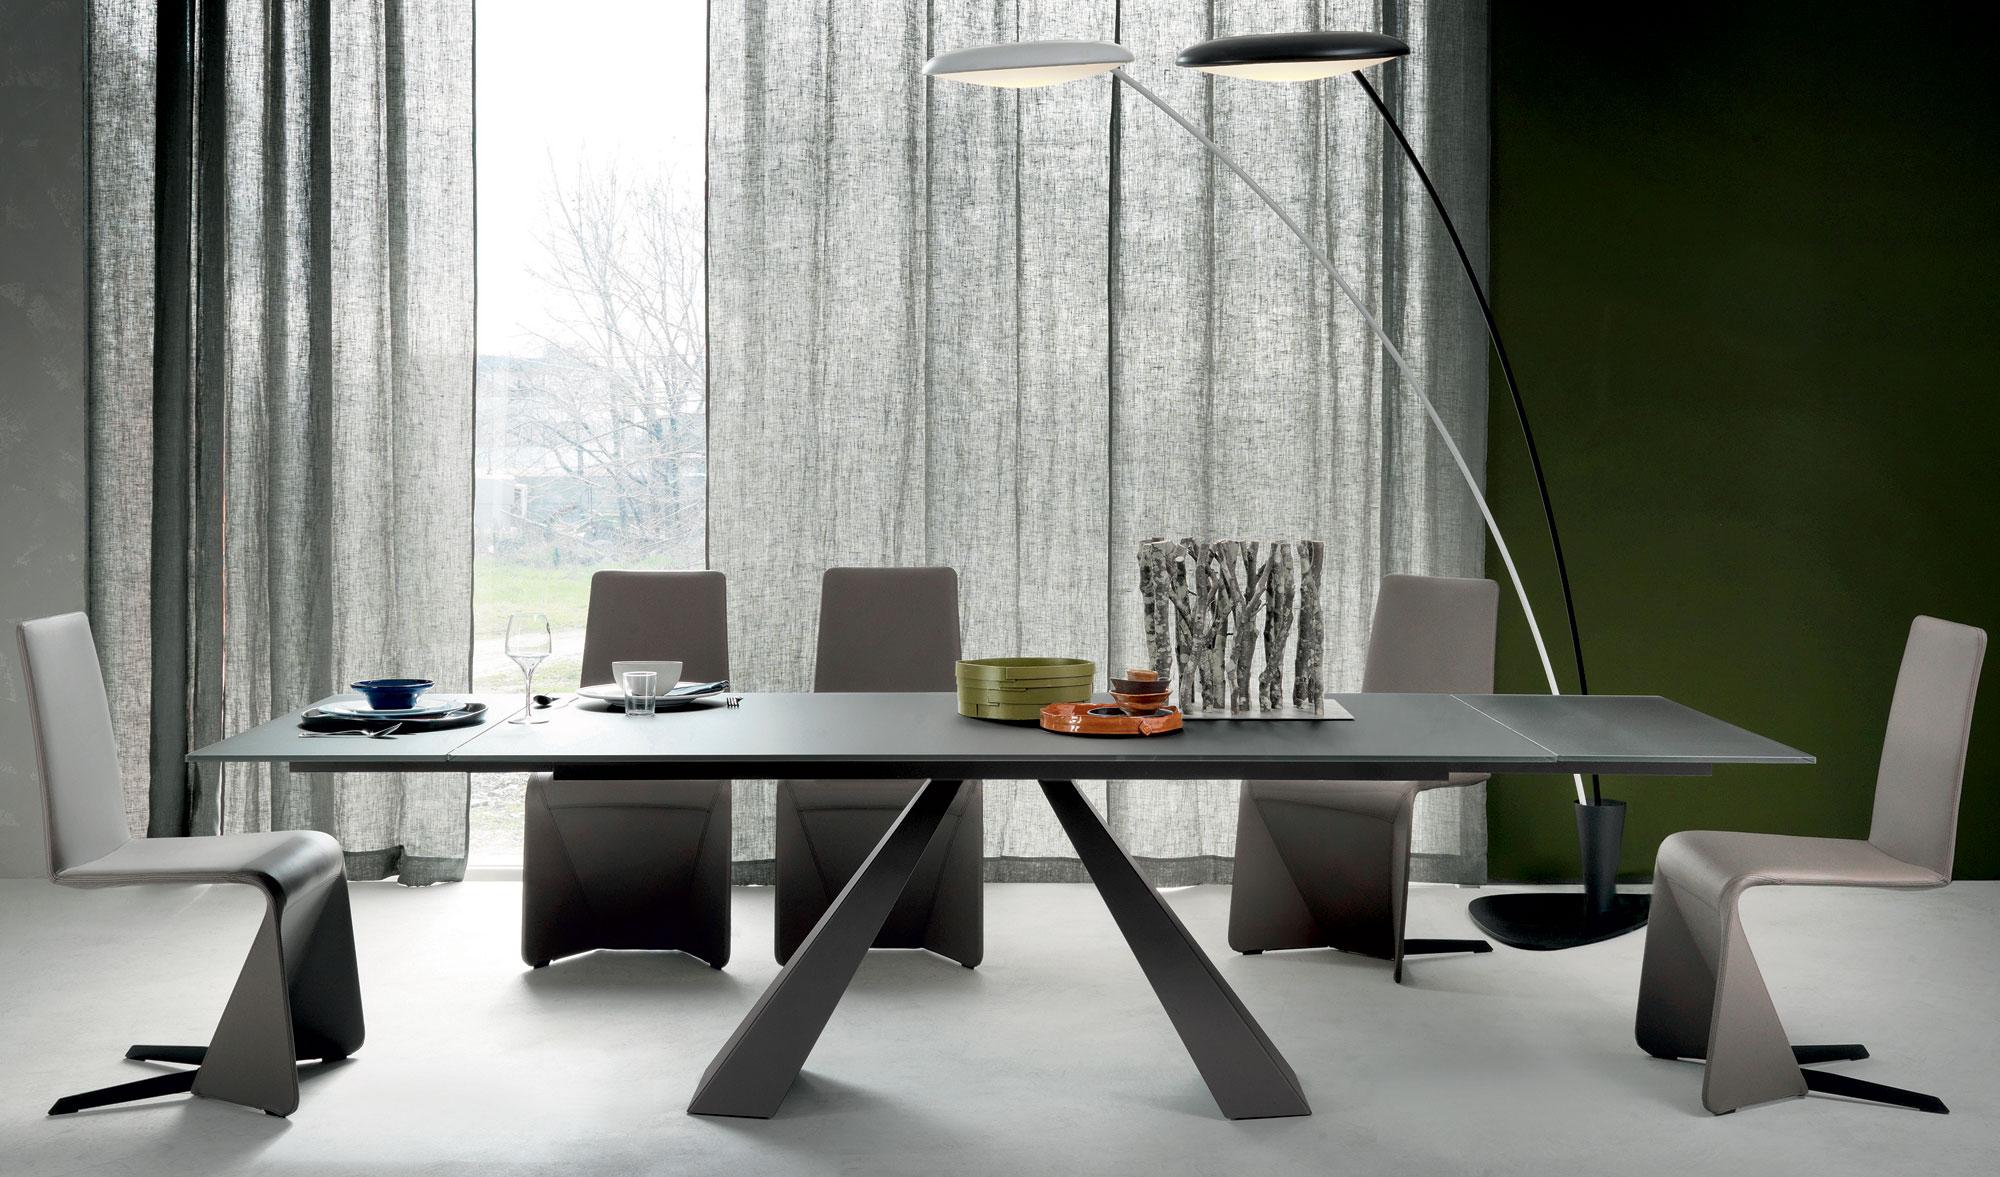 Mesa de comedor extensible moderna Eliot Cattelan de lujo en ...